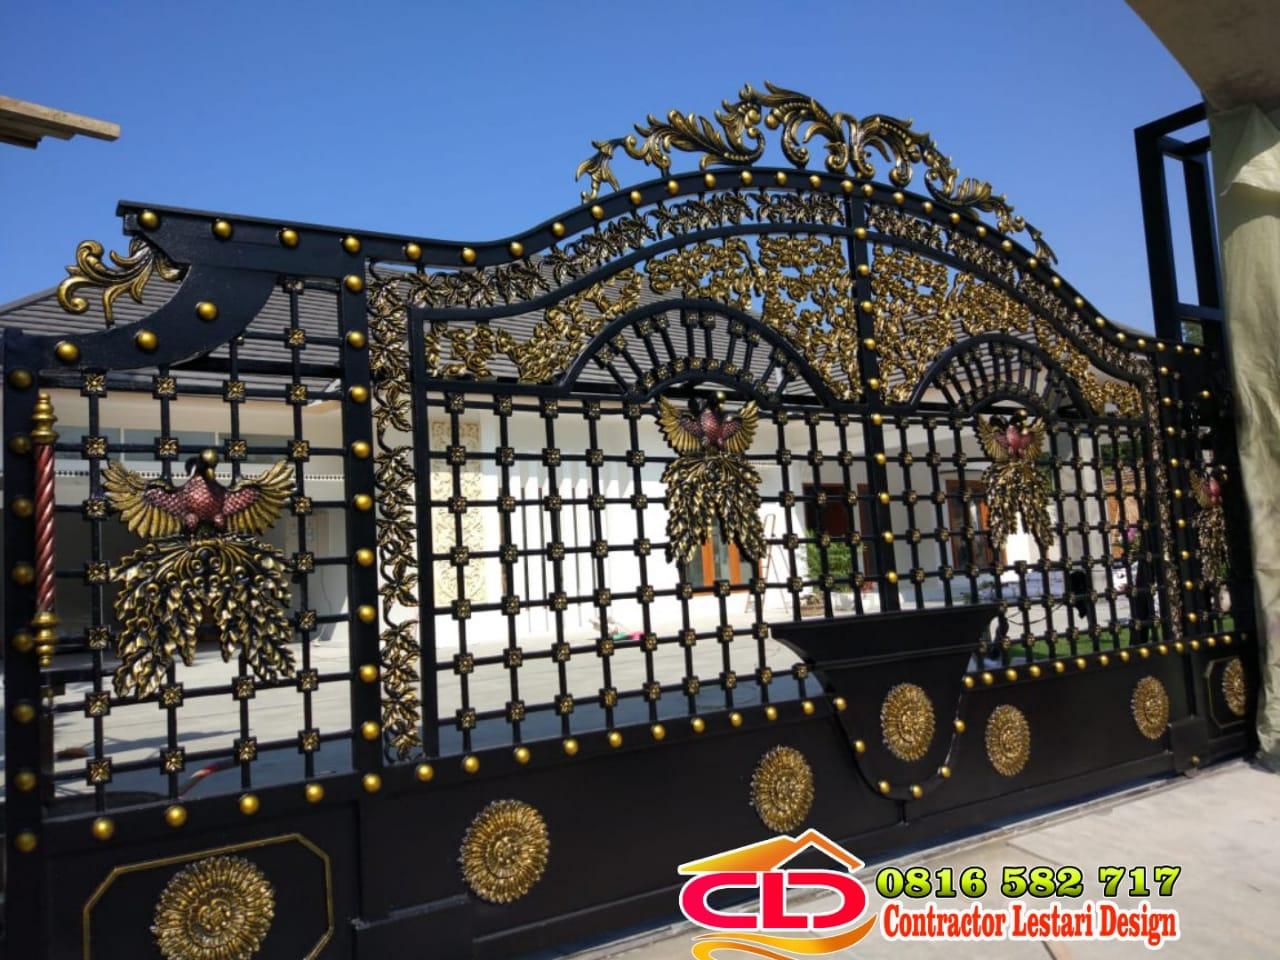 pintu gerbang mewah medan,pagar klasik semarang,pagar klasik cirebon,pagar klasik samarinda